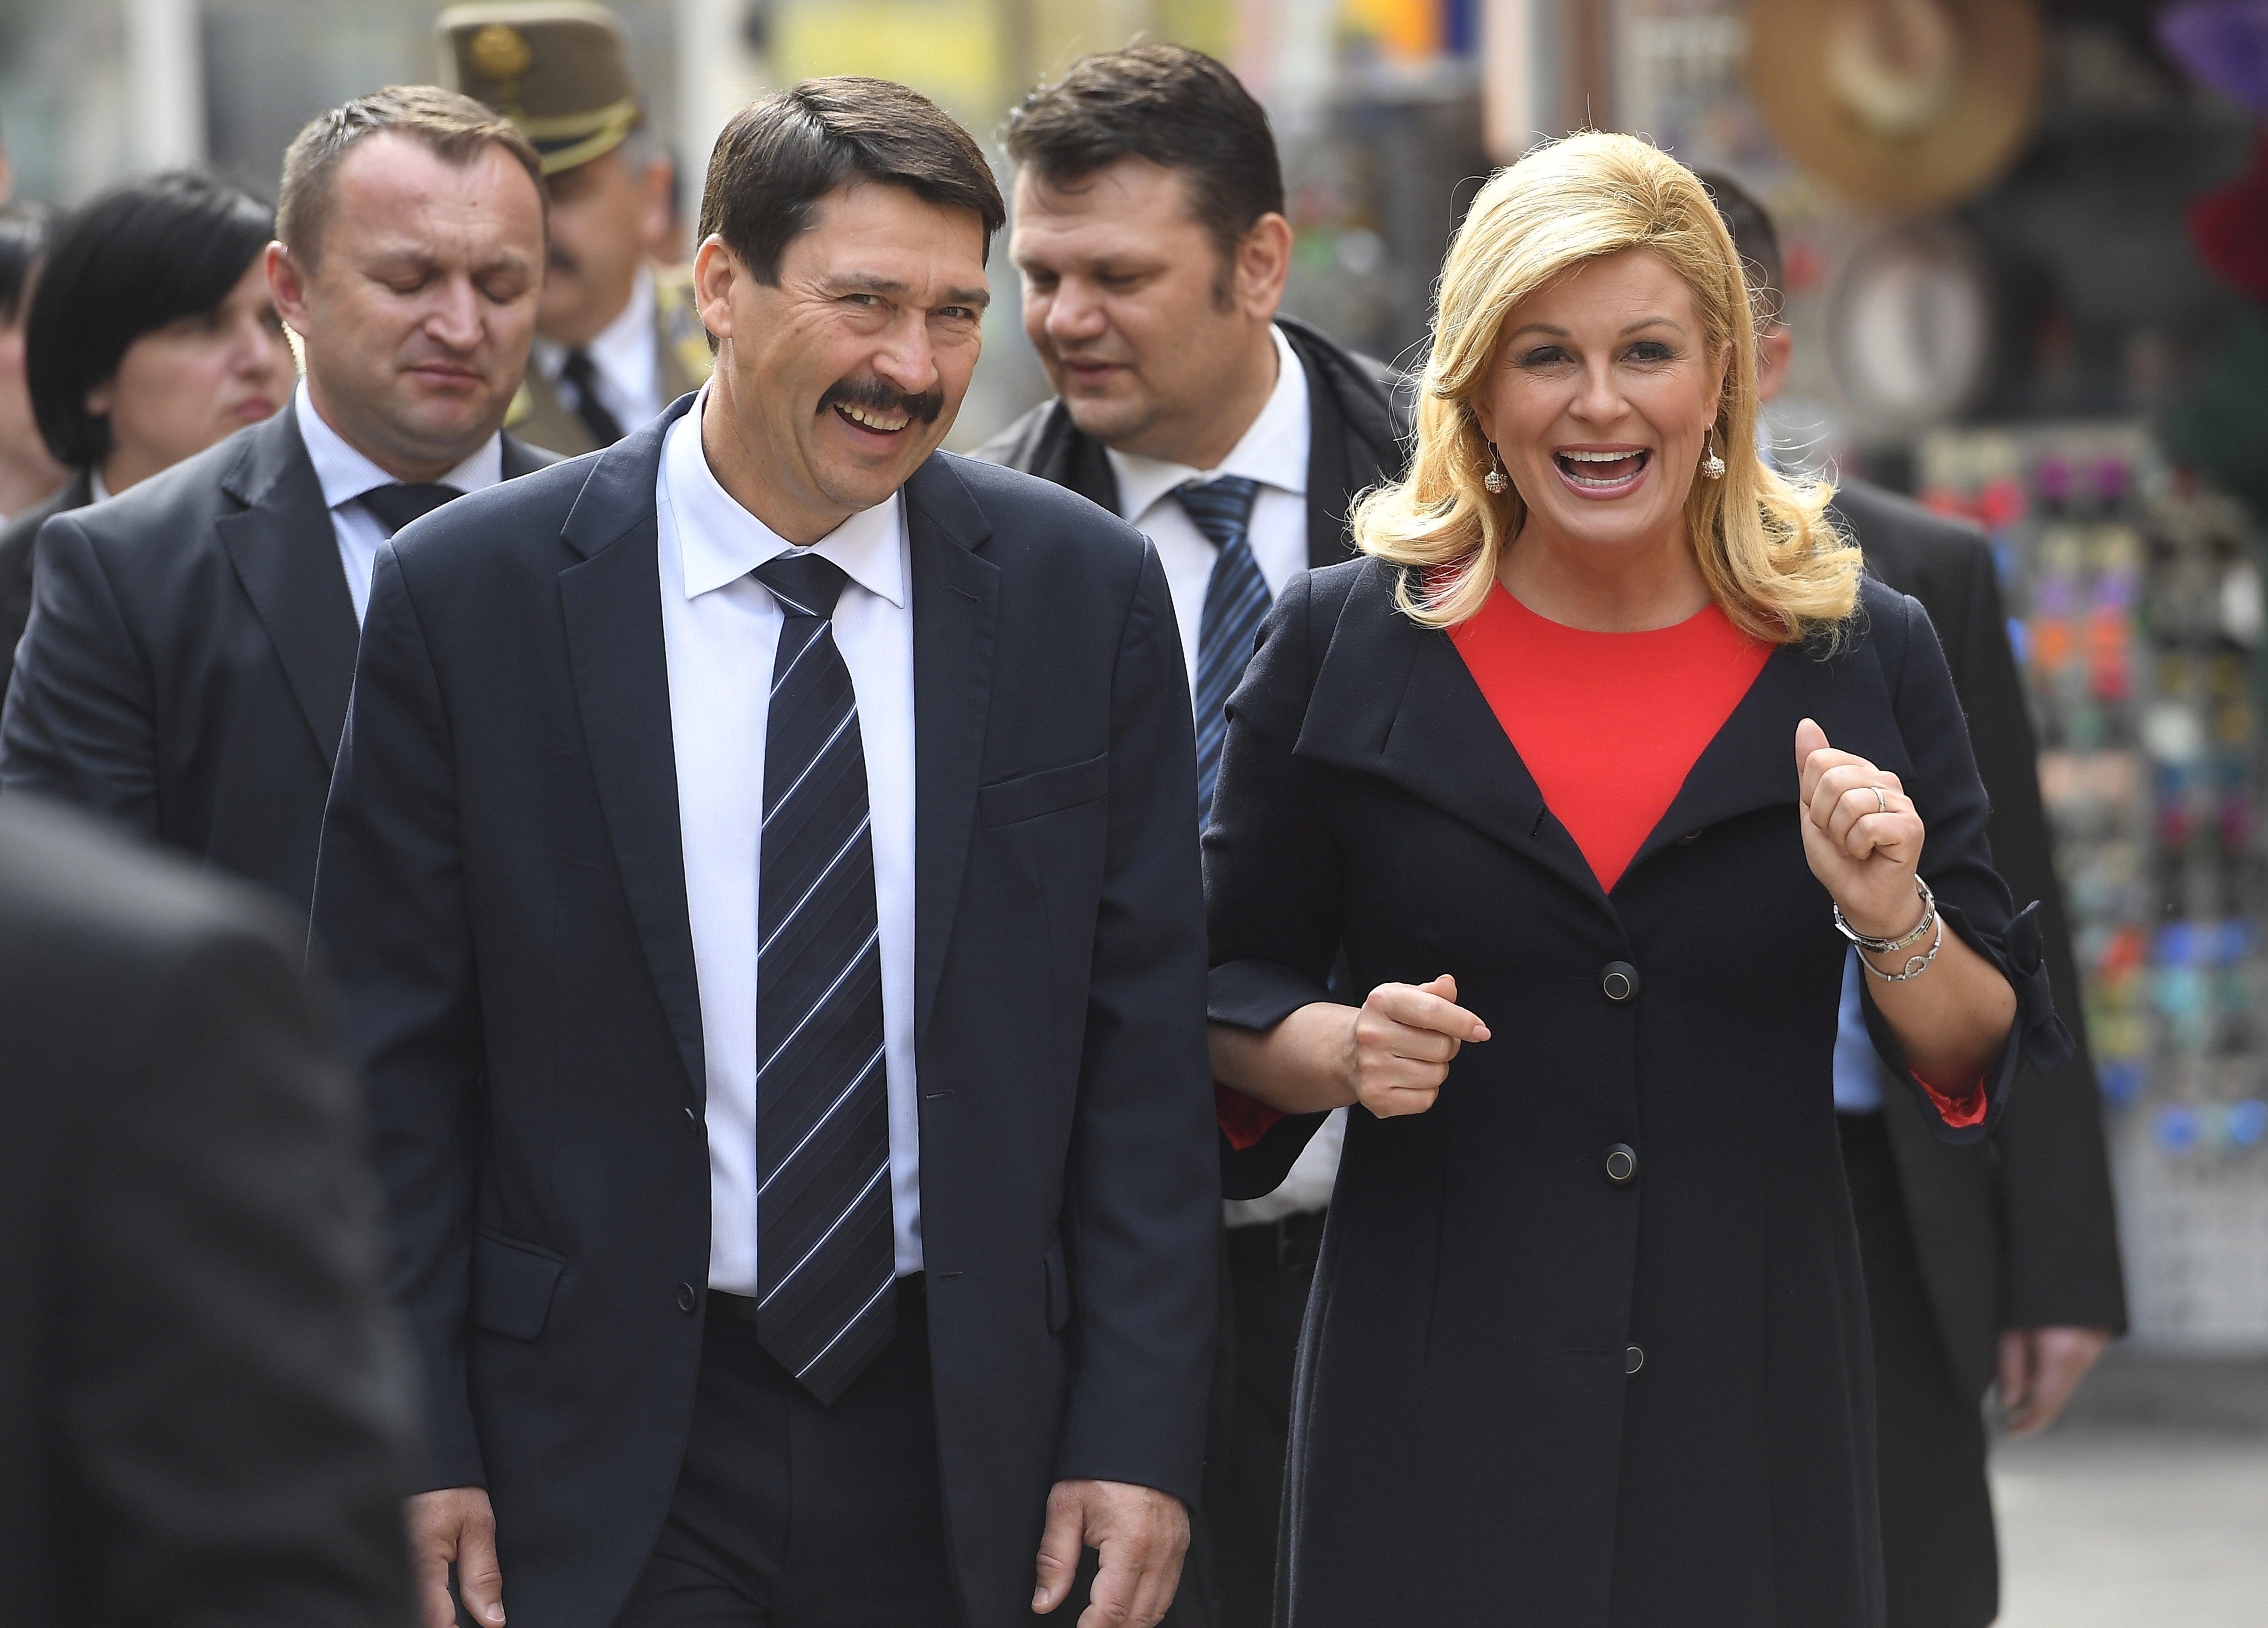 Megjegyeztem magyar barátaimnak, hogy az ilyen helyzetek nem segítenek a nyitott kérdések megoldásában - mondta a horvát elnök arról, hogy Budapest nem támogatja országa OECD-tagságát